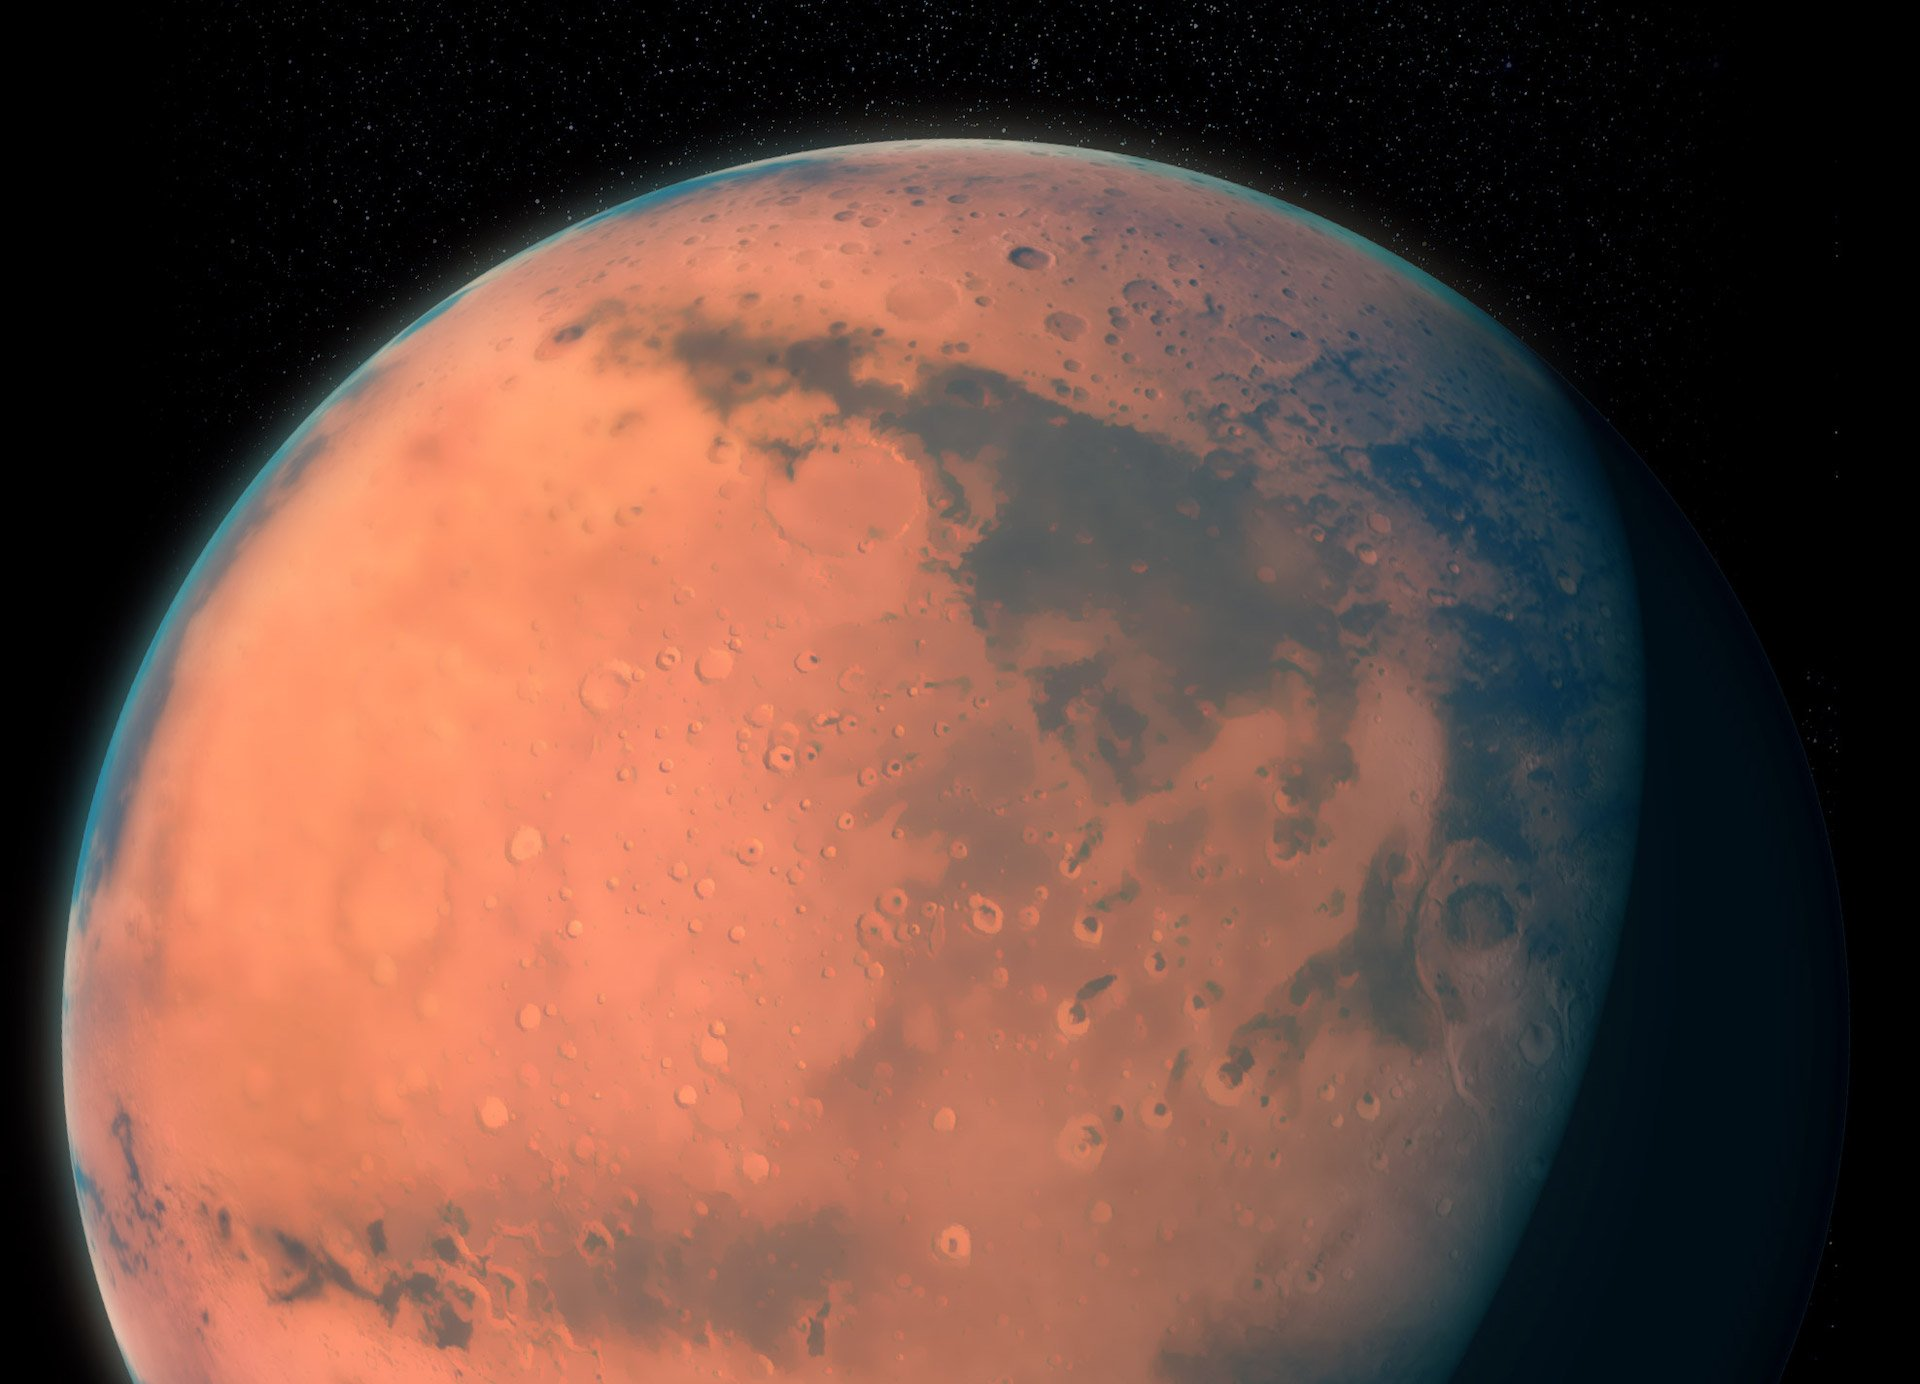 La misión espacial MMX aterrizará en el satélite Fobos de Marte